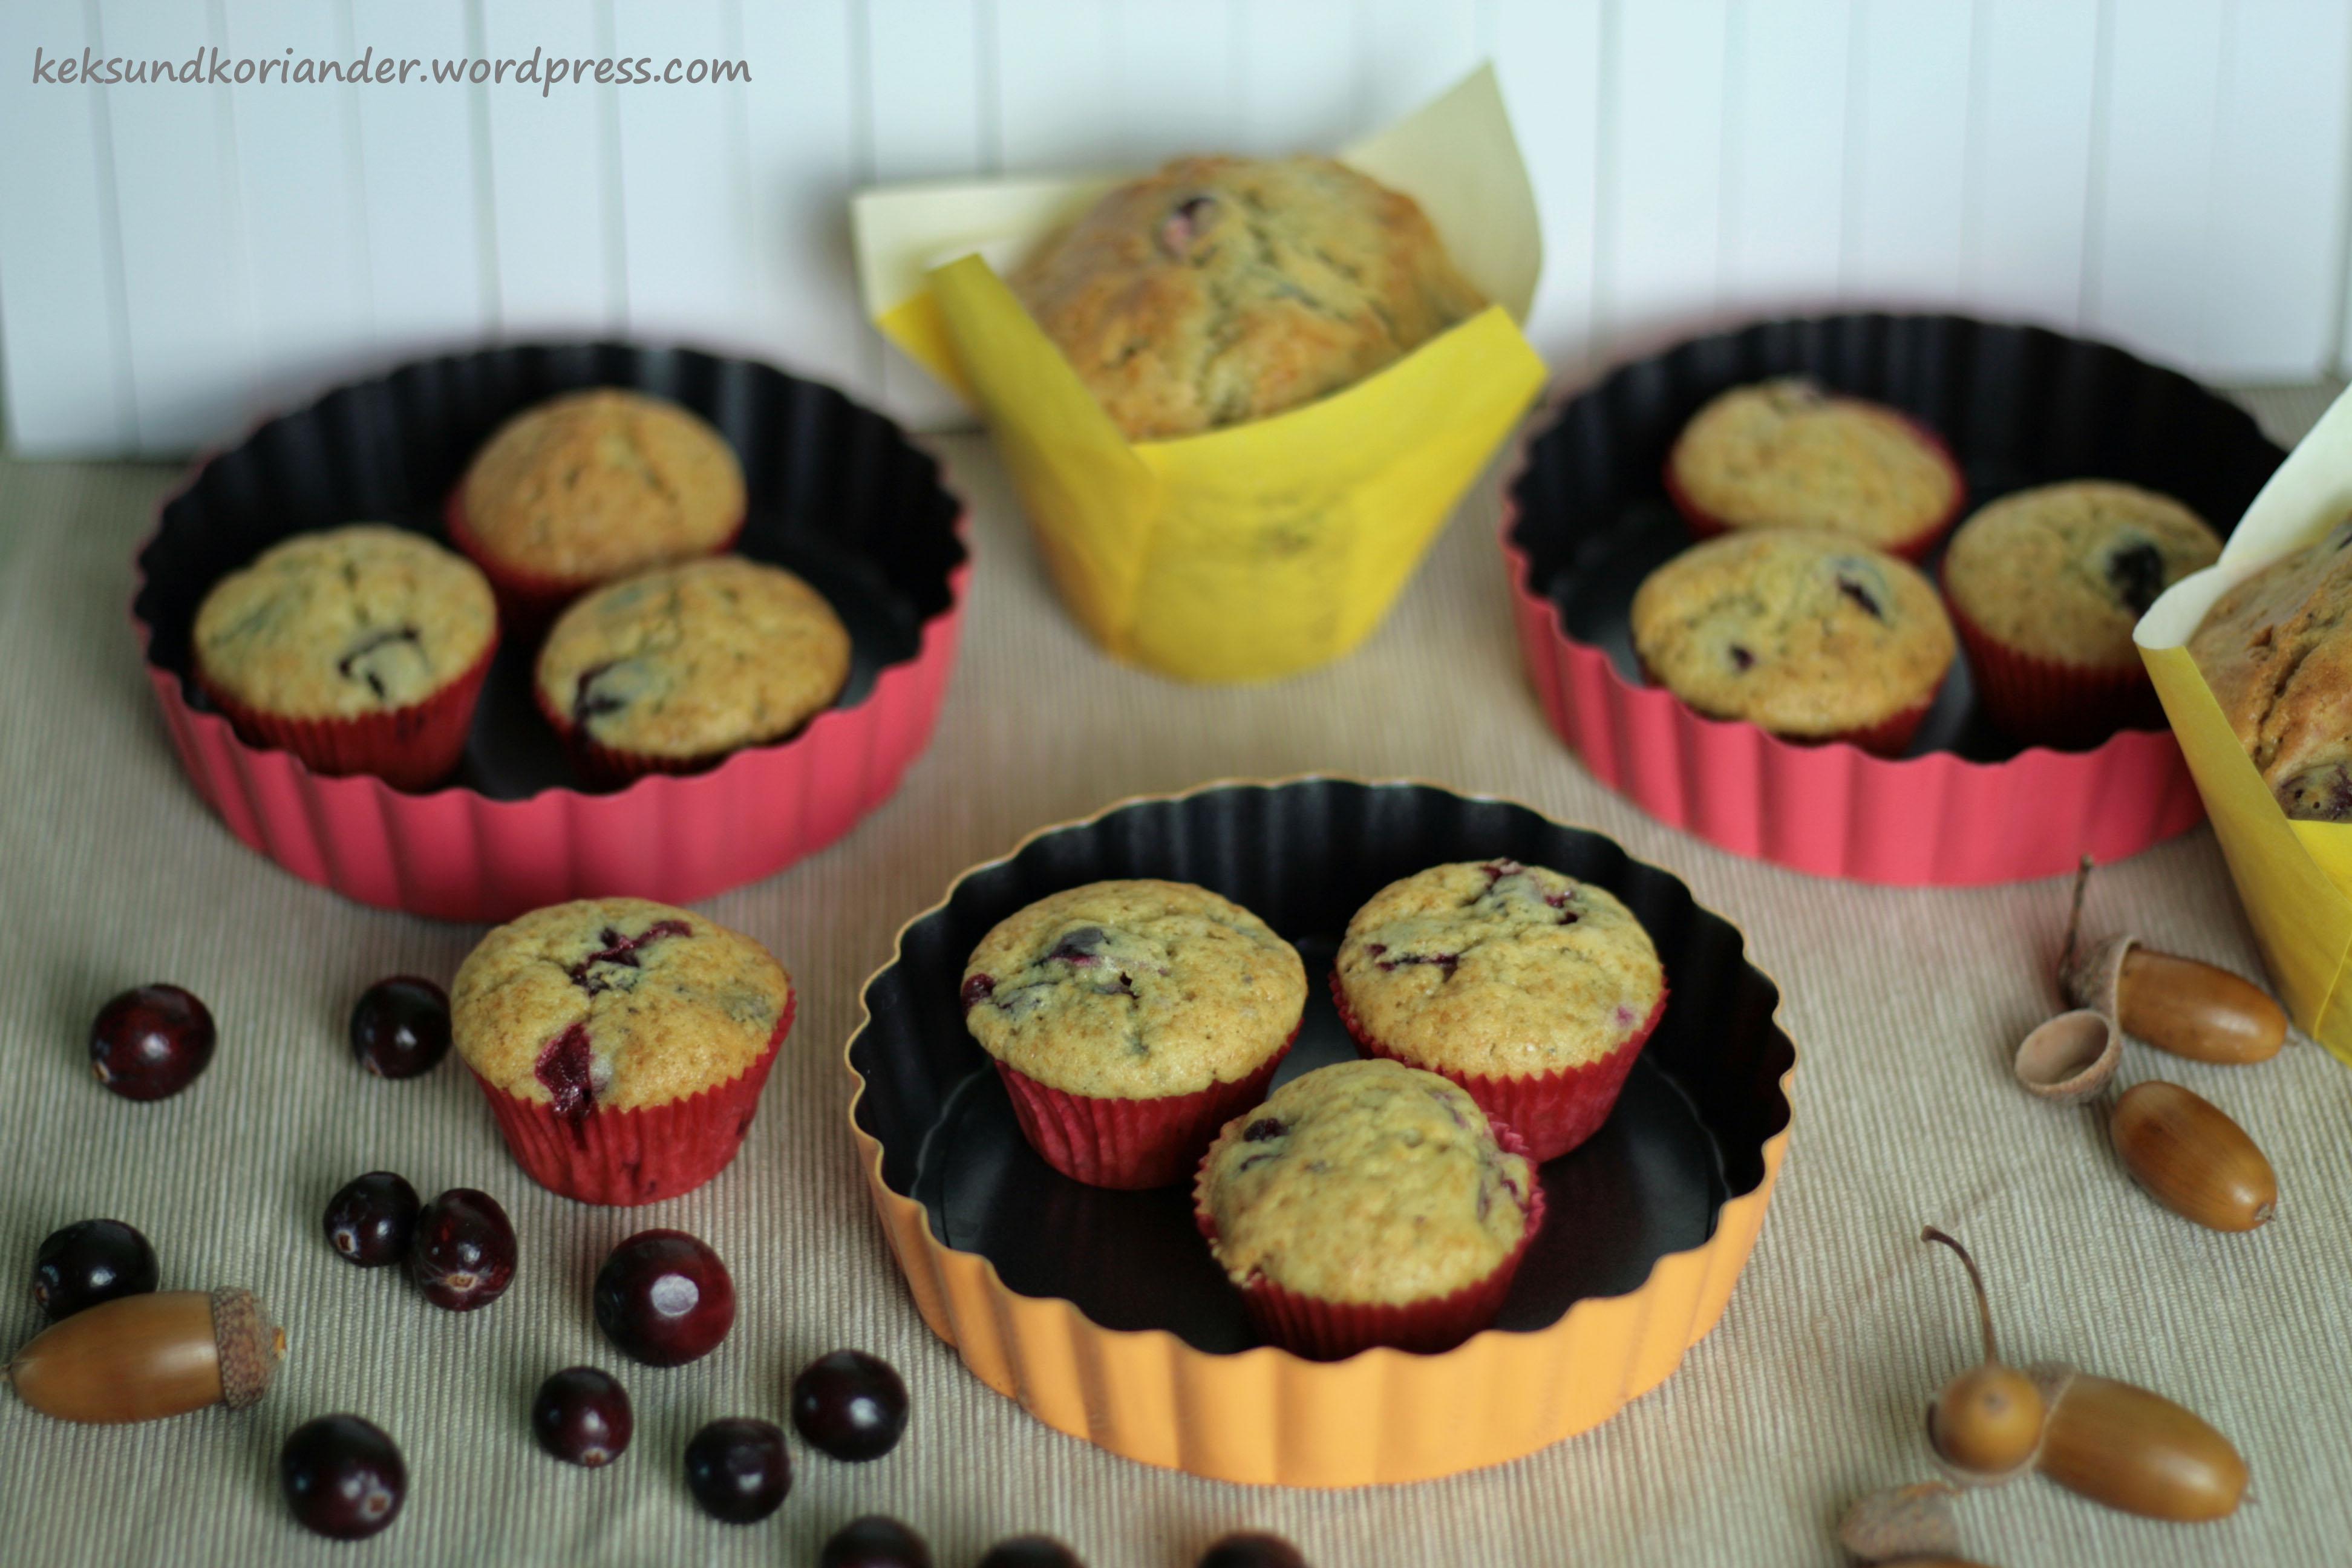 alle cranberrymuffins